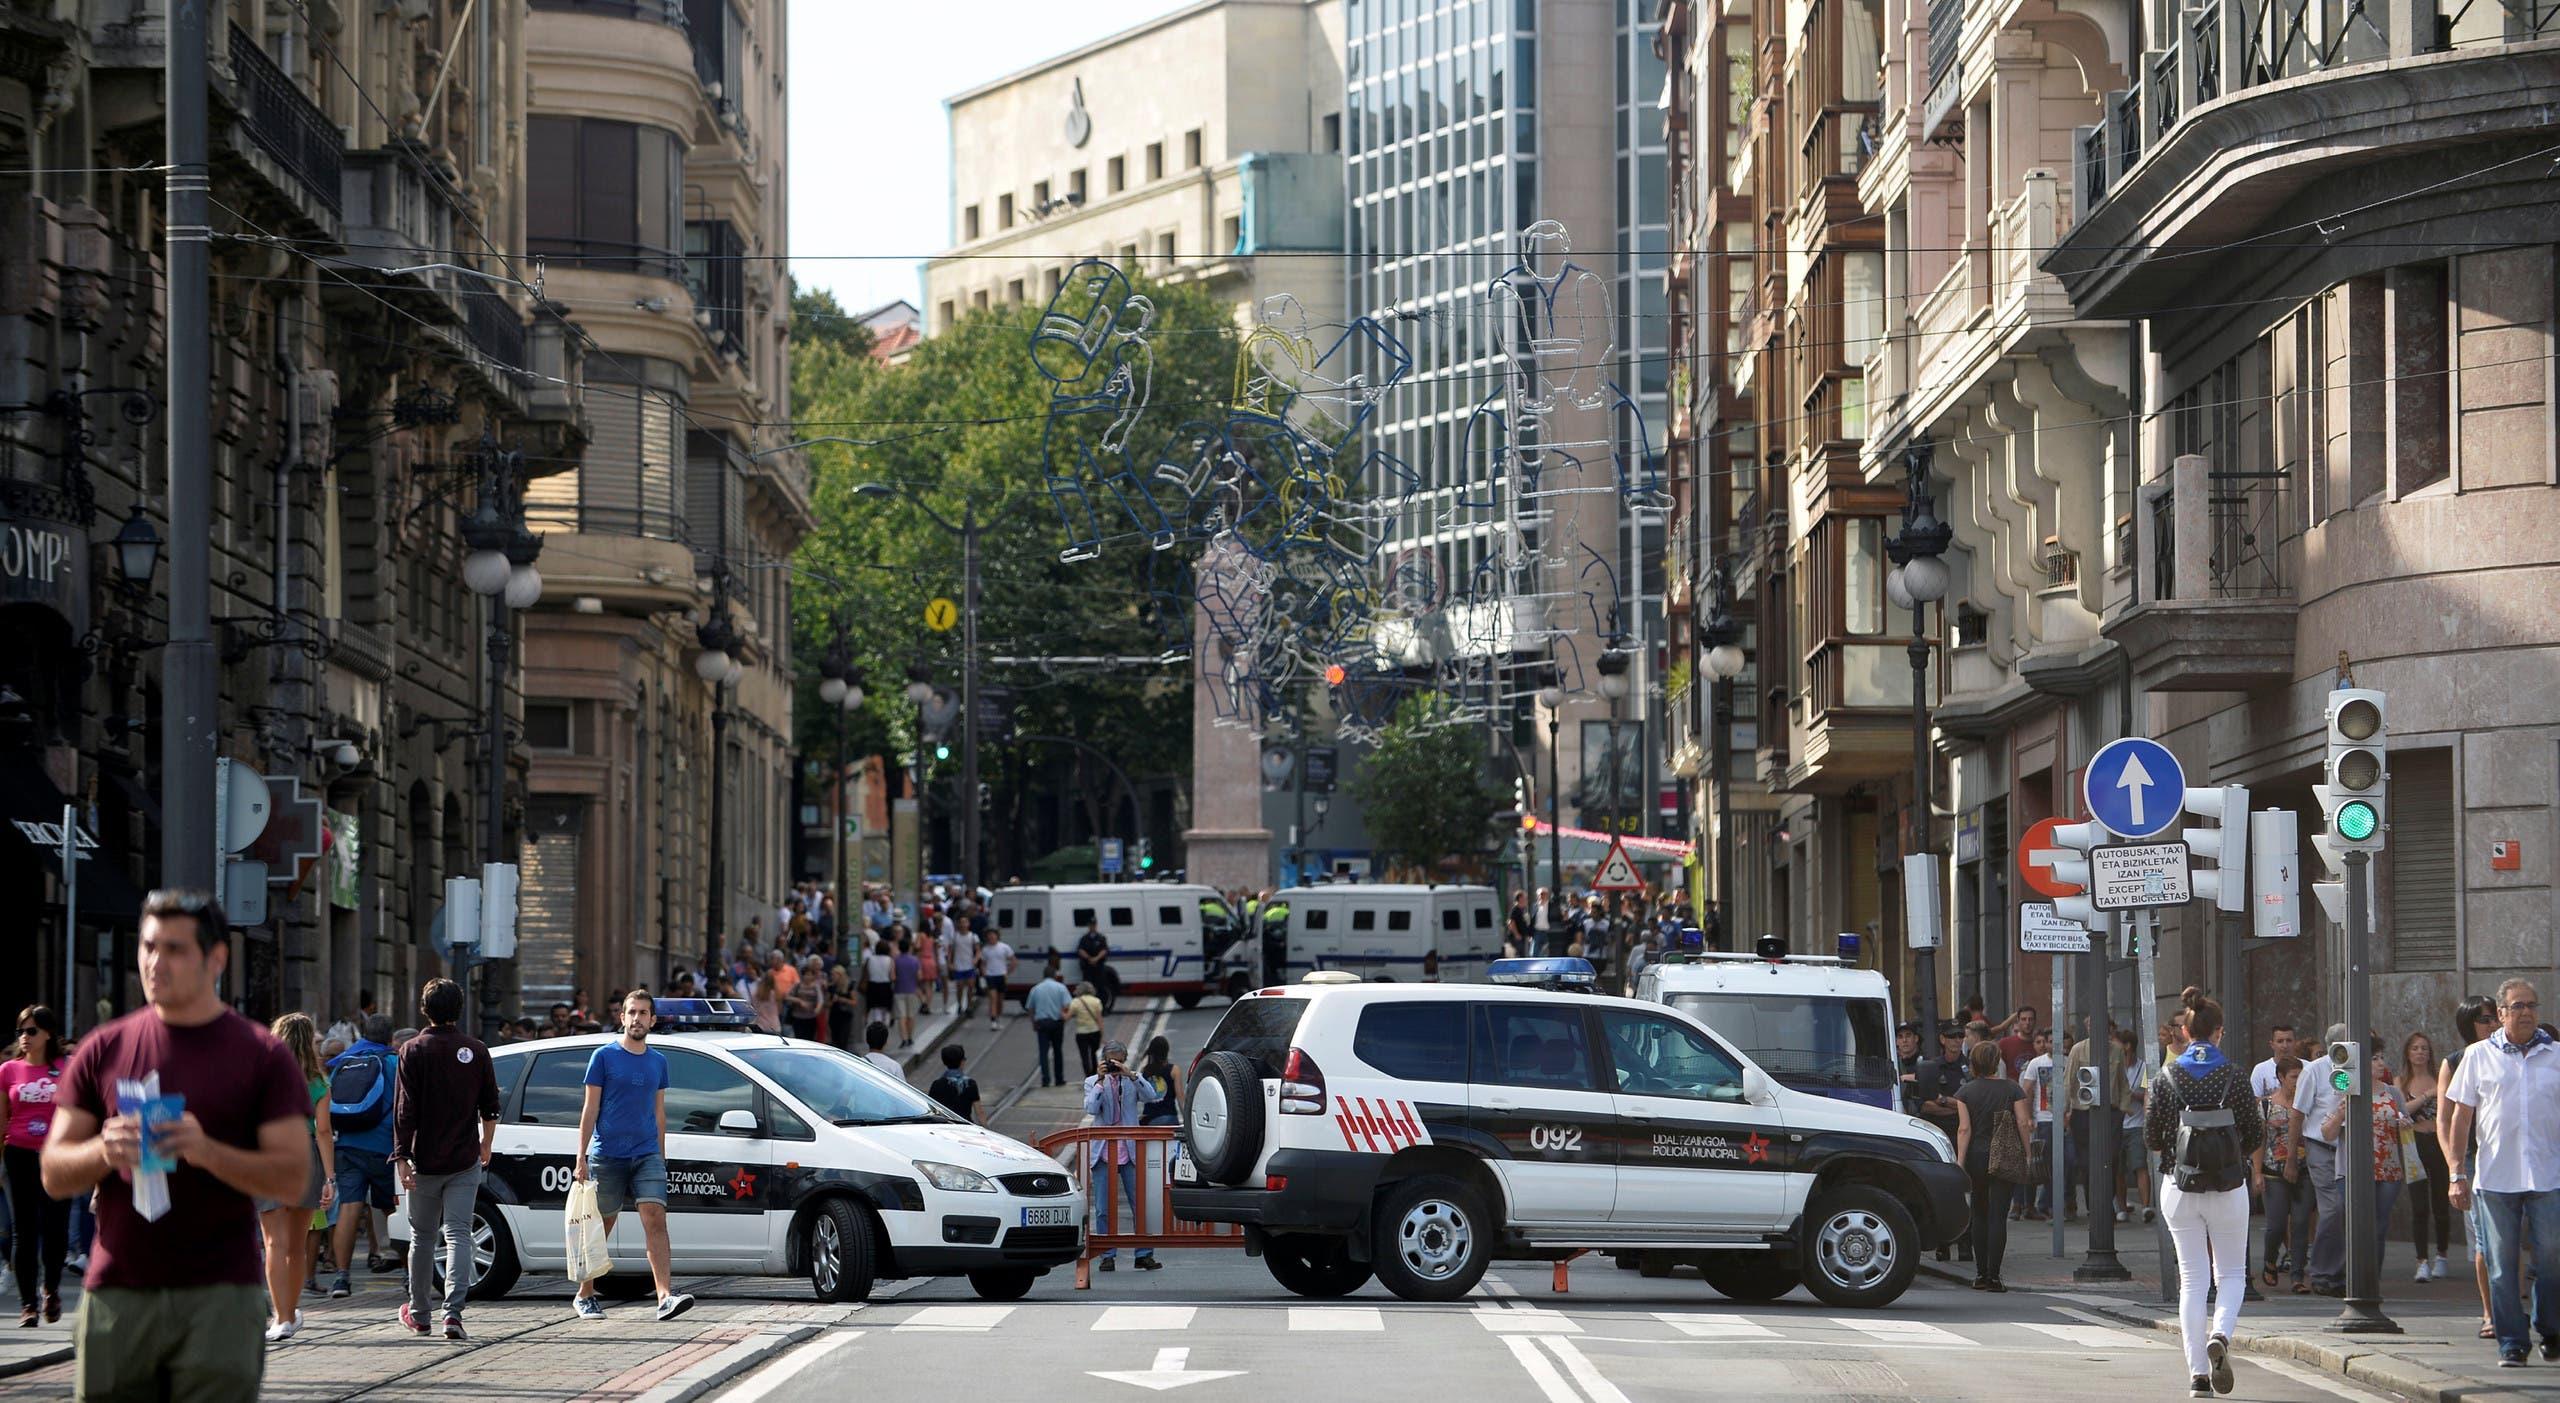 موقع عملية دهس شهدتها برشلونة مؤخرا